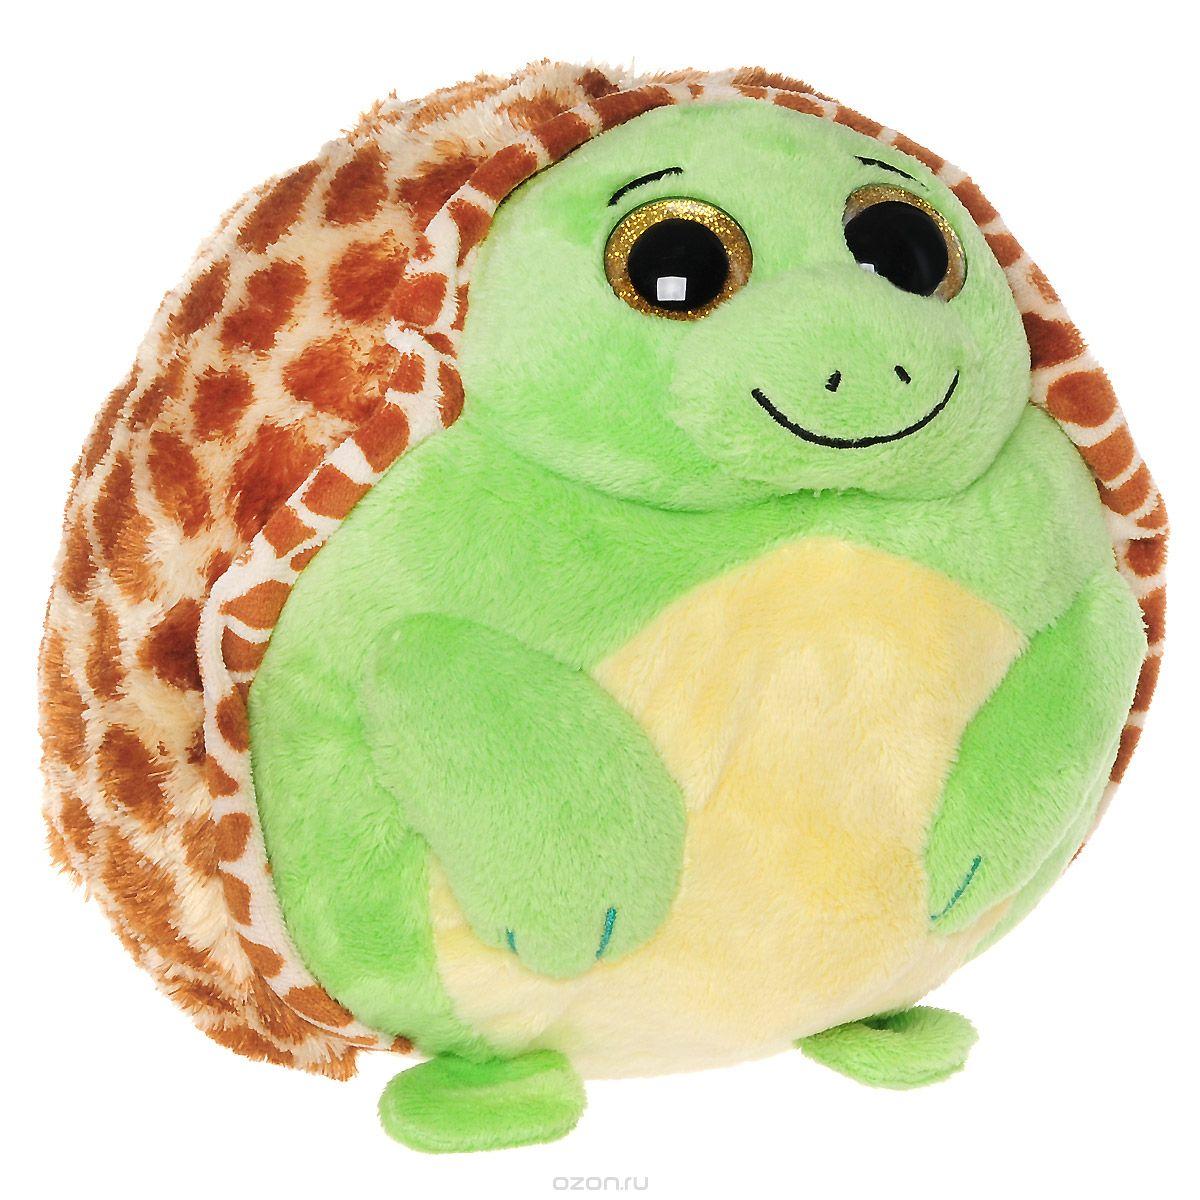 TY Мягкая игрушка Черепашка Zoom 10 см38019Мягкая игрушка Черепашка Zoom не оставит вас равнодушным и вызовет улыбку у каждого, кто ее увидит. Милая черепашка Zoom с невероятно добрыми искренними глазками еще никого не оставляла равнодушным! Черепашка Zoom выполнена в форме мяча. Игрушка очень удобная даже для самых маленьких. Пластиковые гранулы, используемые при набивке игрушки, способствуют развитию мелкой моторики рук ребенка. Симпатичная игрушка будет радовать вашего ребенка, а также способствовать полноценному и гармоничному развитию его личности. Великолепное качество исполнения делают эту игрушку чудесным подарком к любому празднику как для ребенка, так и взрослого человека!